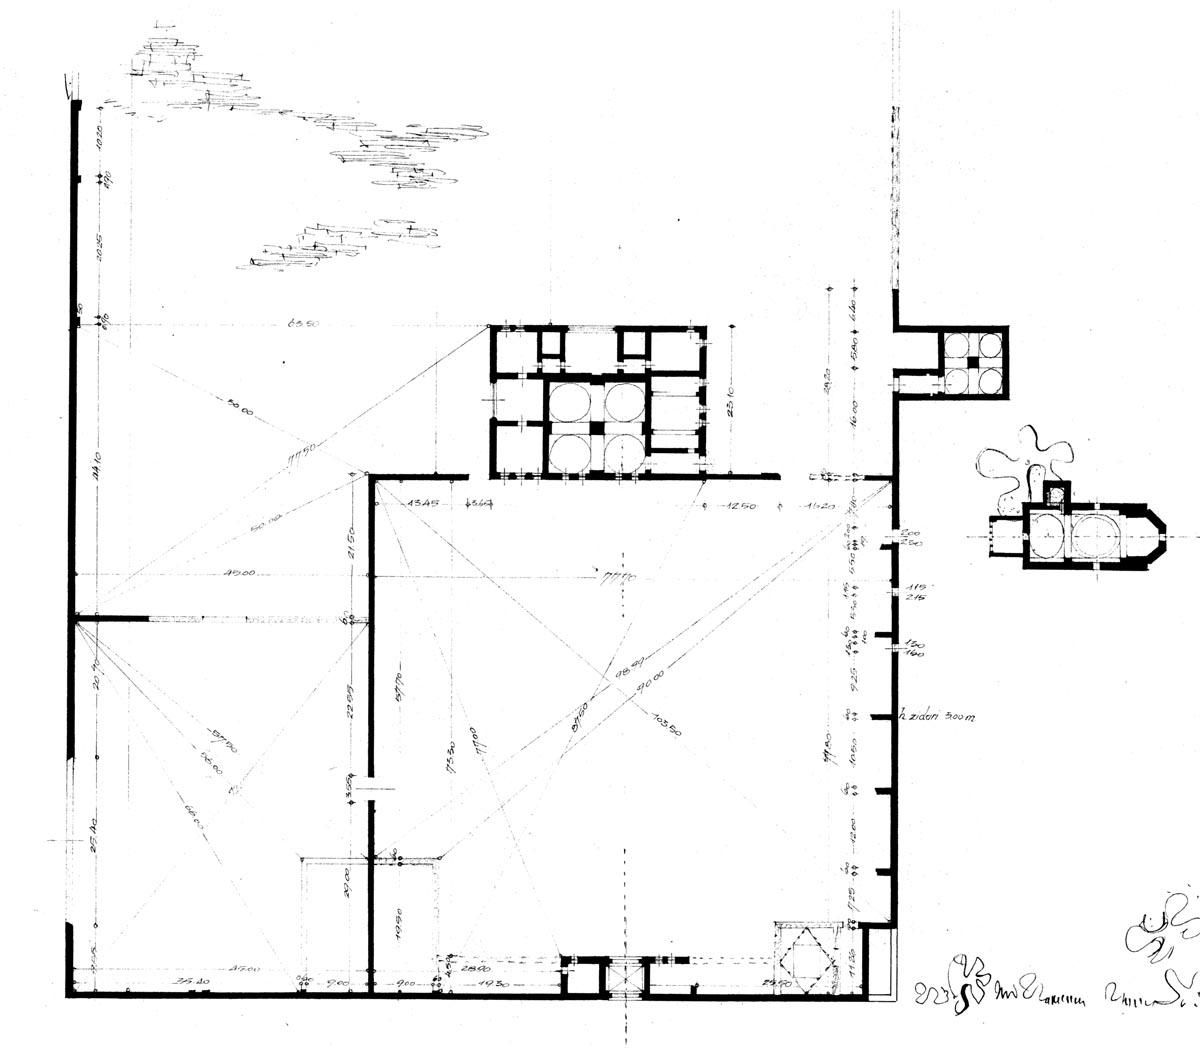 Planul de situație al curții de la Potlogi în 1947, releveul studenților Adriana Popp și V. Coronica. Arhiva D.I.T.A.C.P. / U.A.U.I.M.